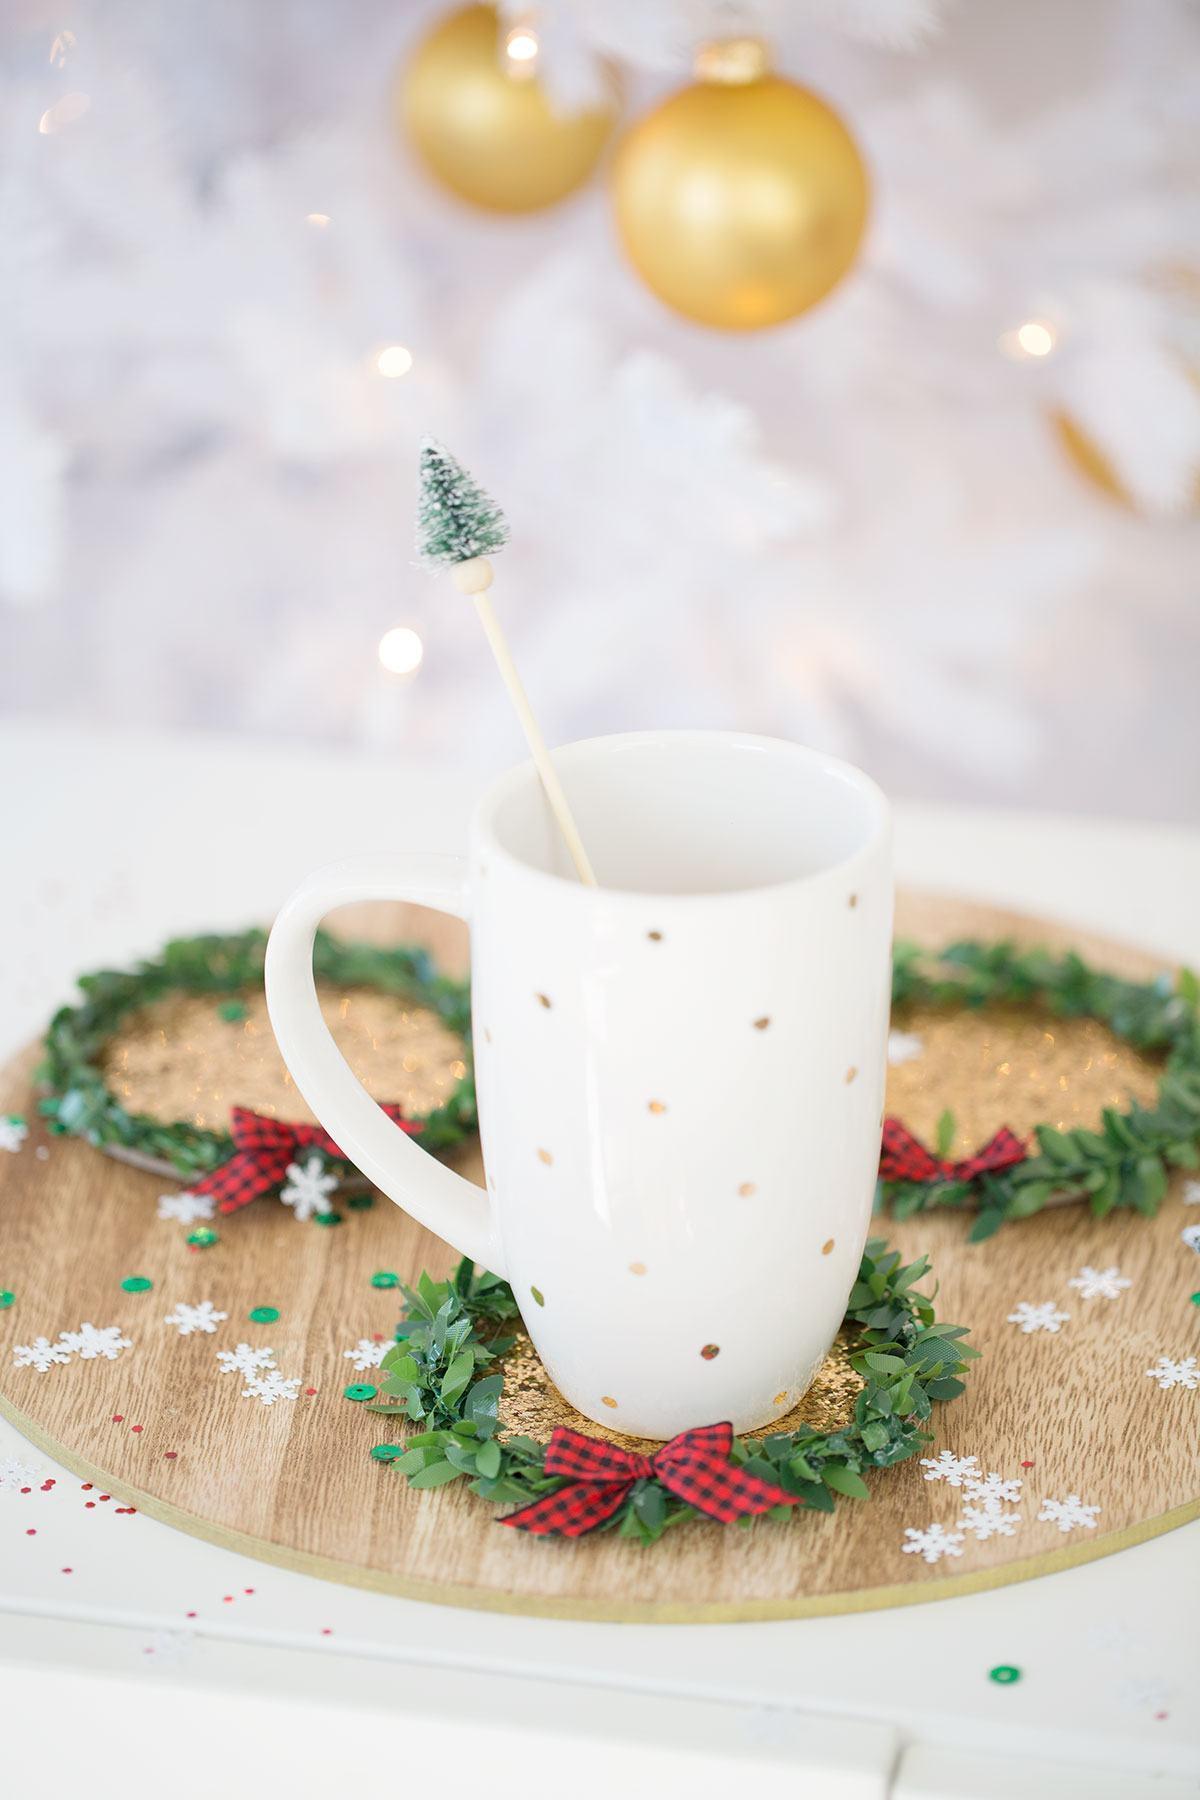 Colher com um toque de decoração natalina